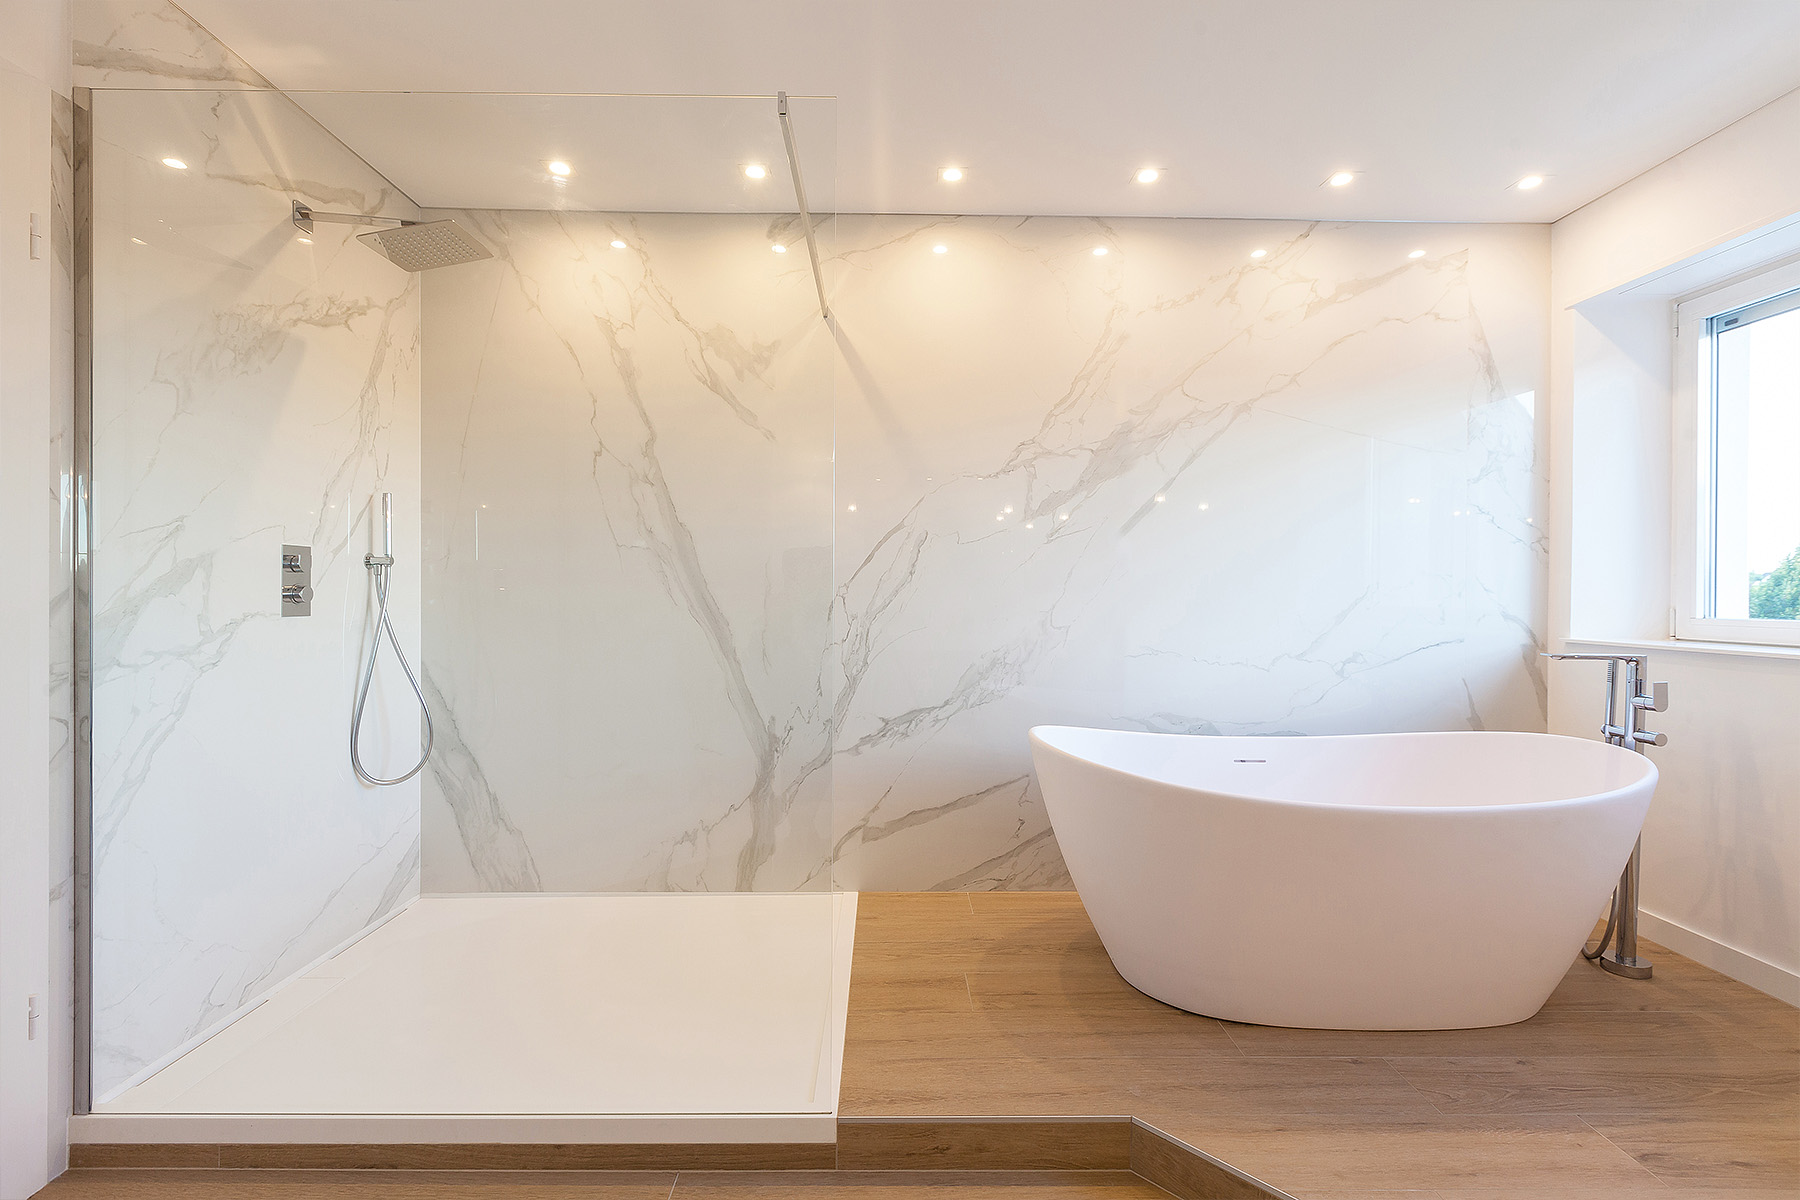 Superbe Salle De Bain Design Architecture Luxe Simple David Iltis Mulhouse Paris  Lyon Bordeaux